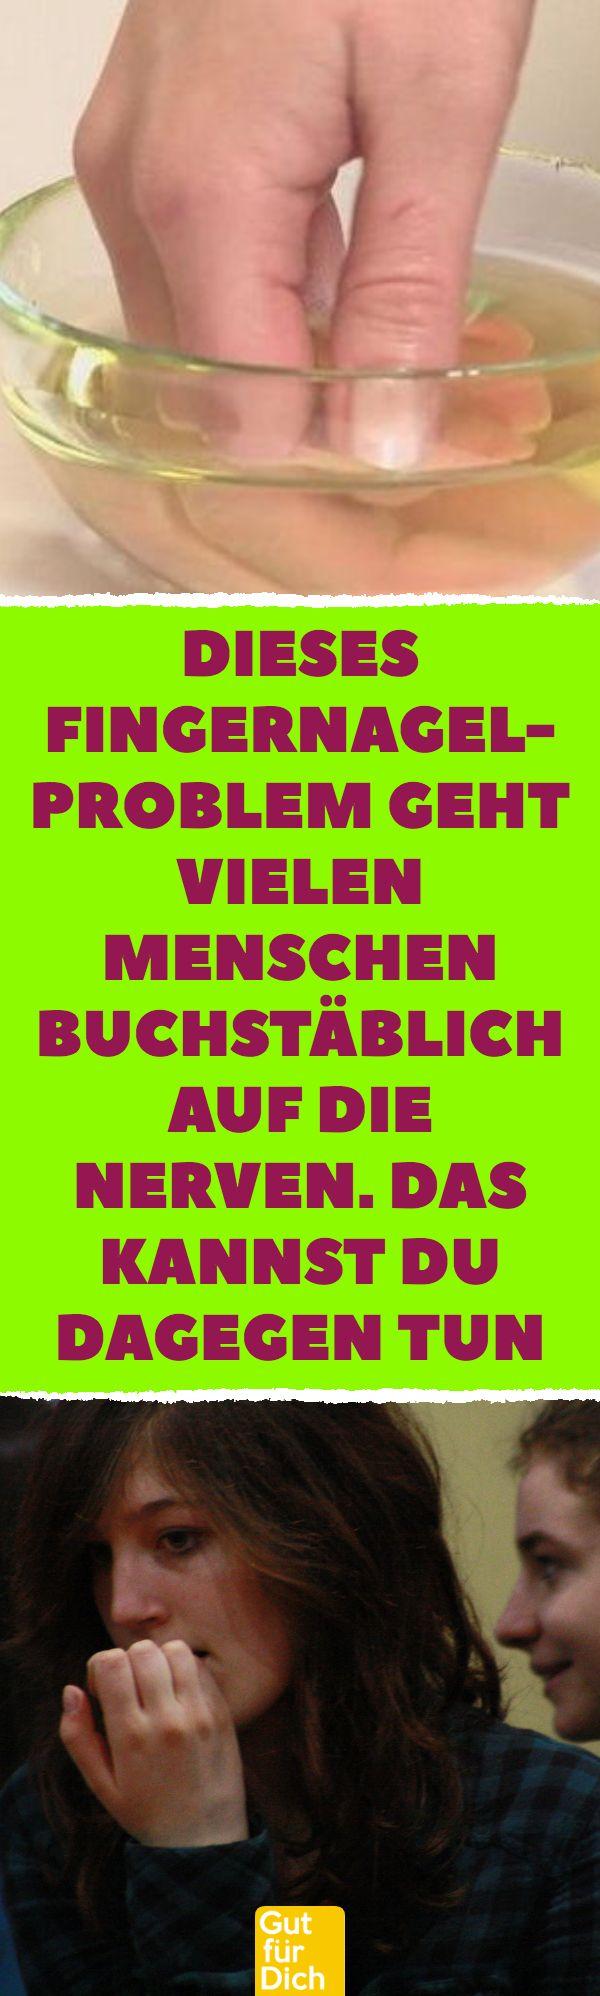 Dieses Fingernagel- Problem geht vielen menschen buchstäblich auf die Nerven. D...